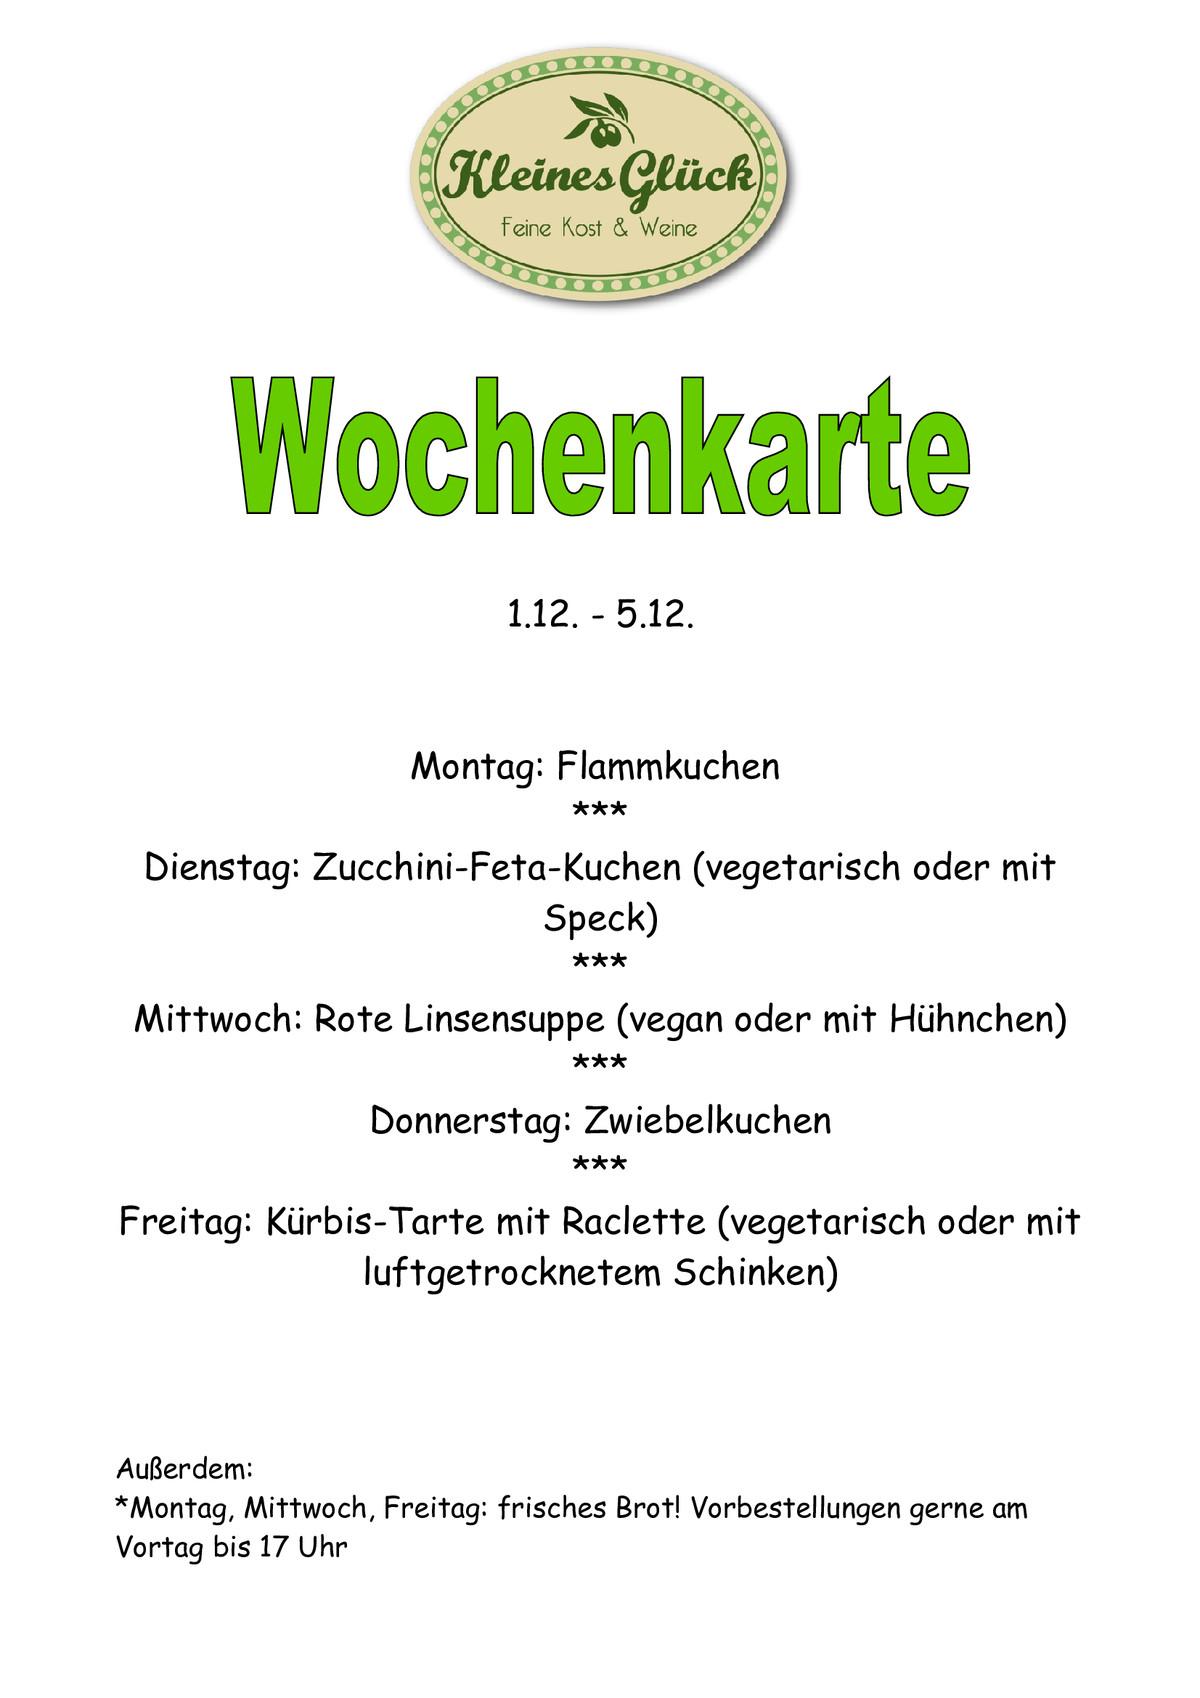 Wochenkarte_14-49